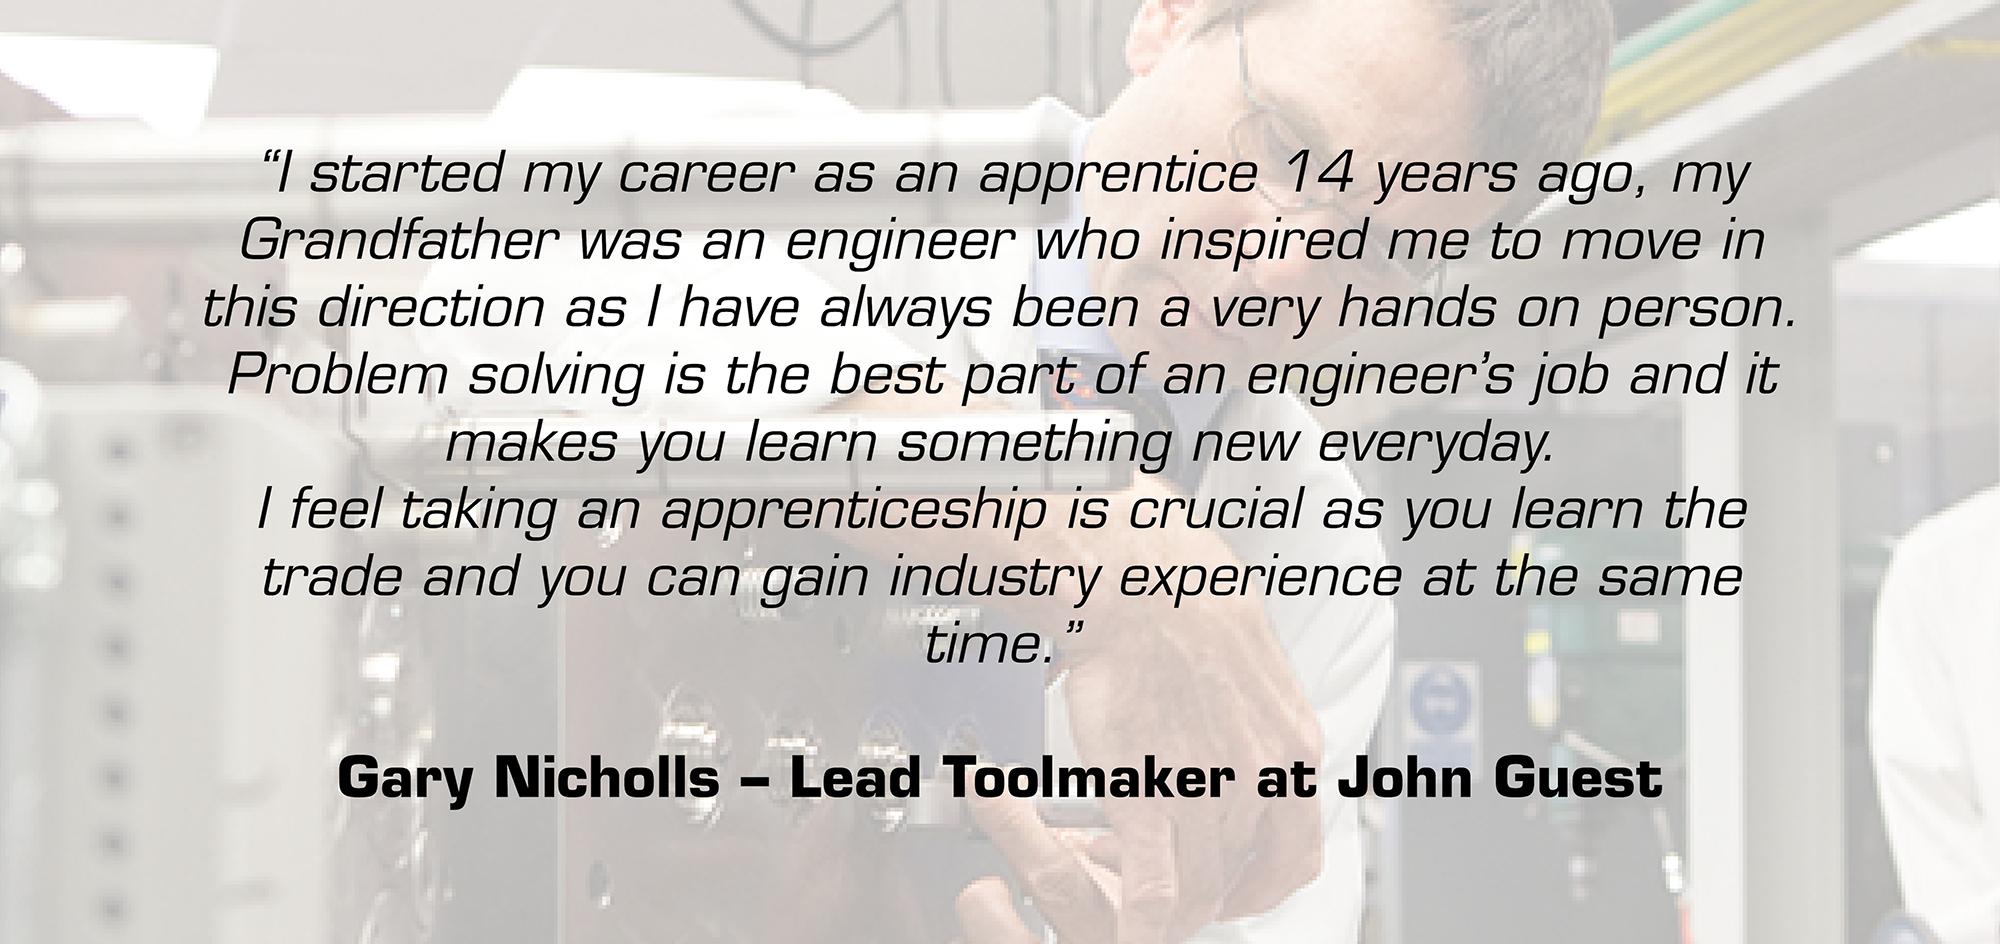 Gary Nichols apprentice quote